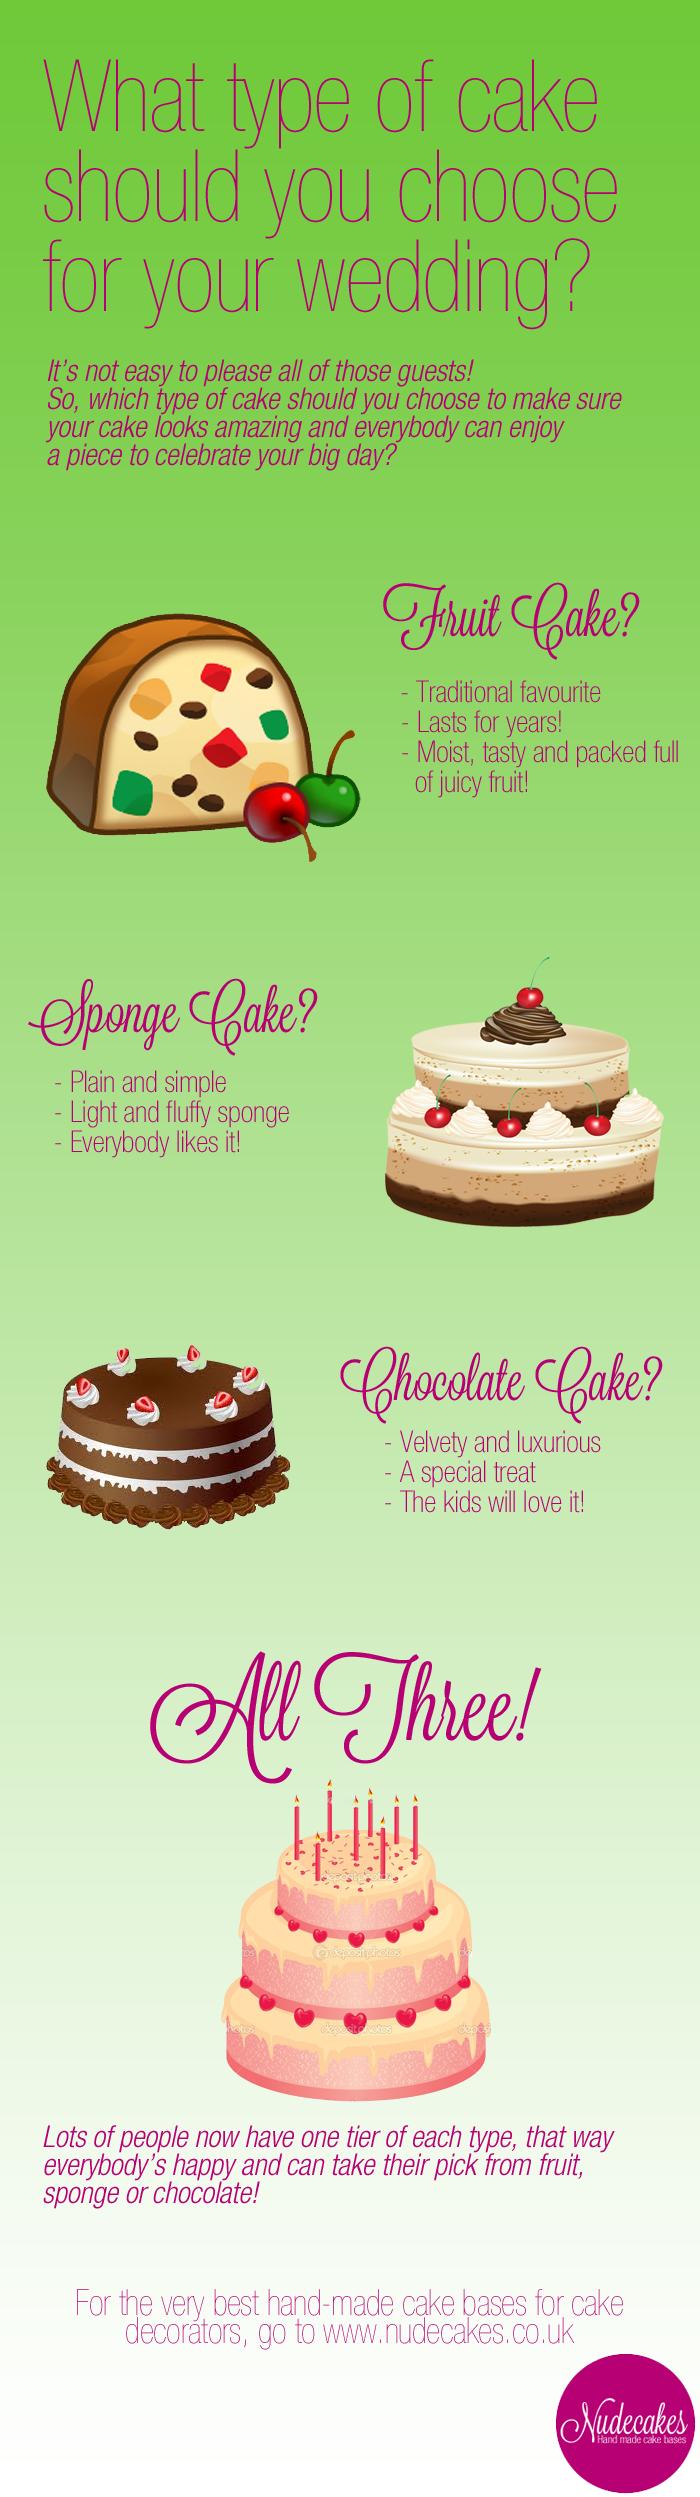 fruit-cake-spnge-cakes-wedding-infographic